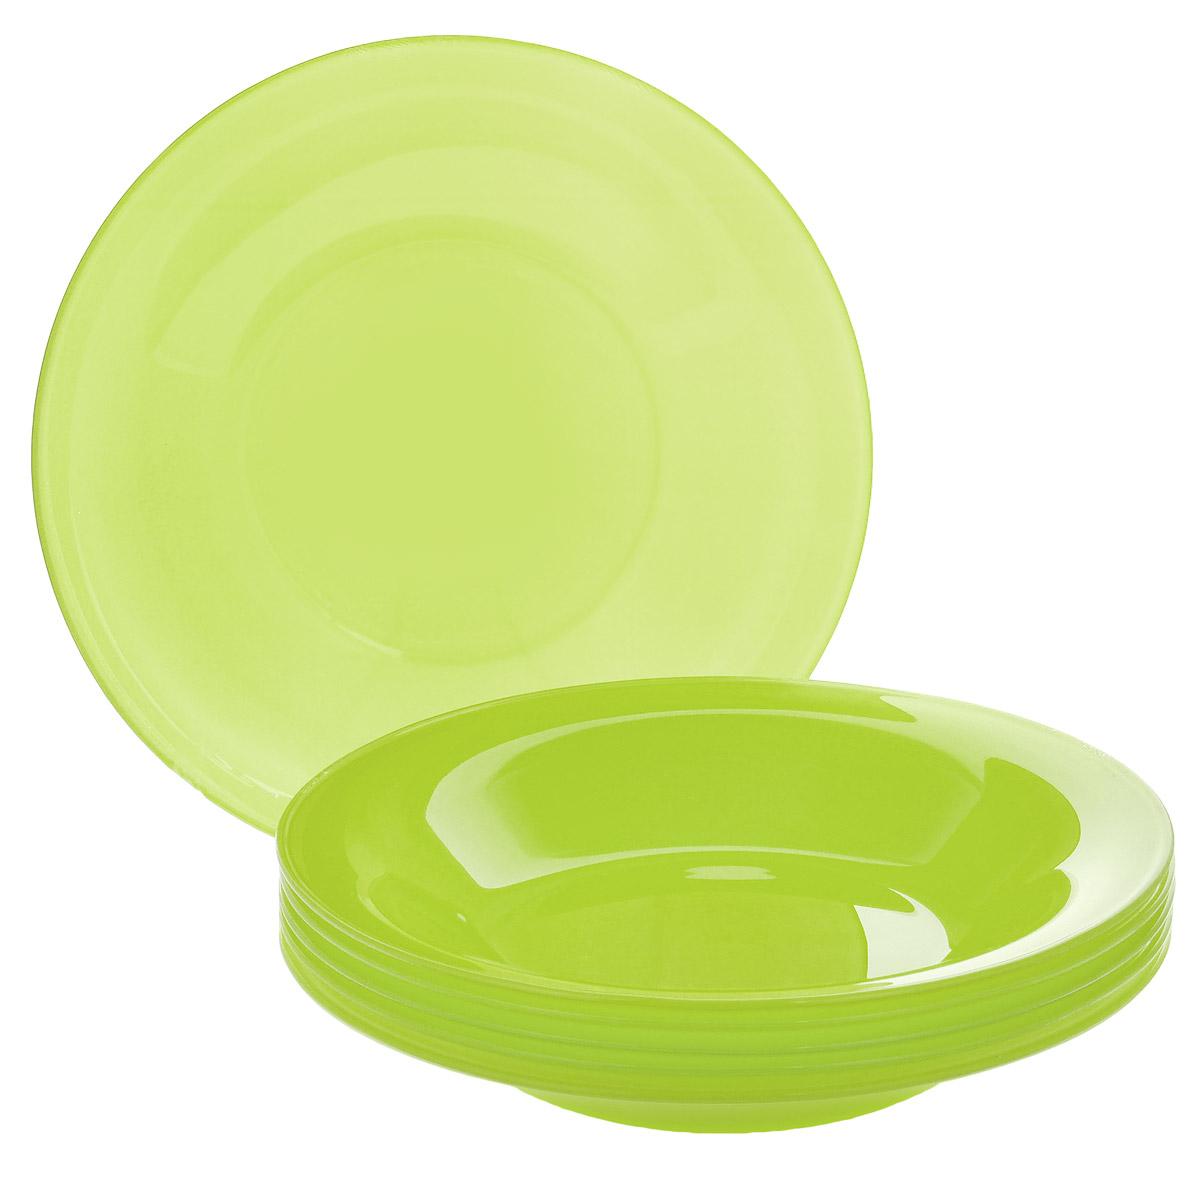 Набор глубоких тарелок, цвет: зеленый, диаметр 19 см, 6 шт. Кт FSP75T54 009312Набор тарелок, выполненный из высококачественного стекла, состоит из 6 глубоких тарелок. Они сочетают в себе изысканный дизайн с максимальной функциональностью. Оригинальность оформления тарелок придется по вкусу и ценителям классики, и тем, кто предпочитает утонченность и изящность. Набор тарелок послужит отличным подарком к любому празднику.